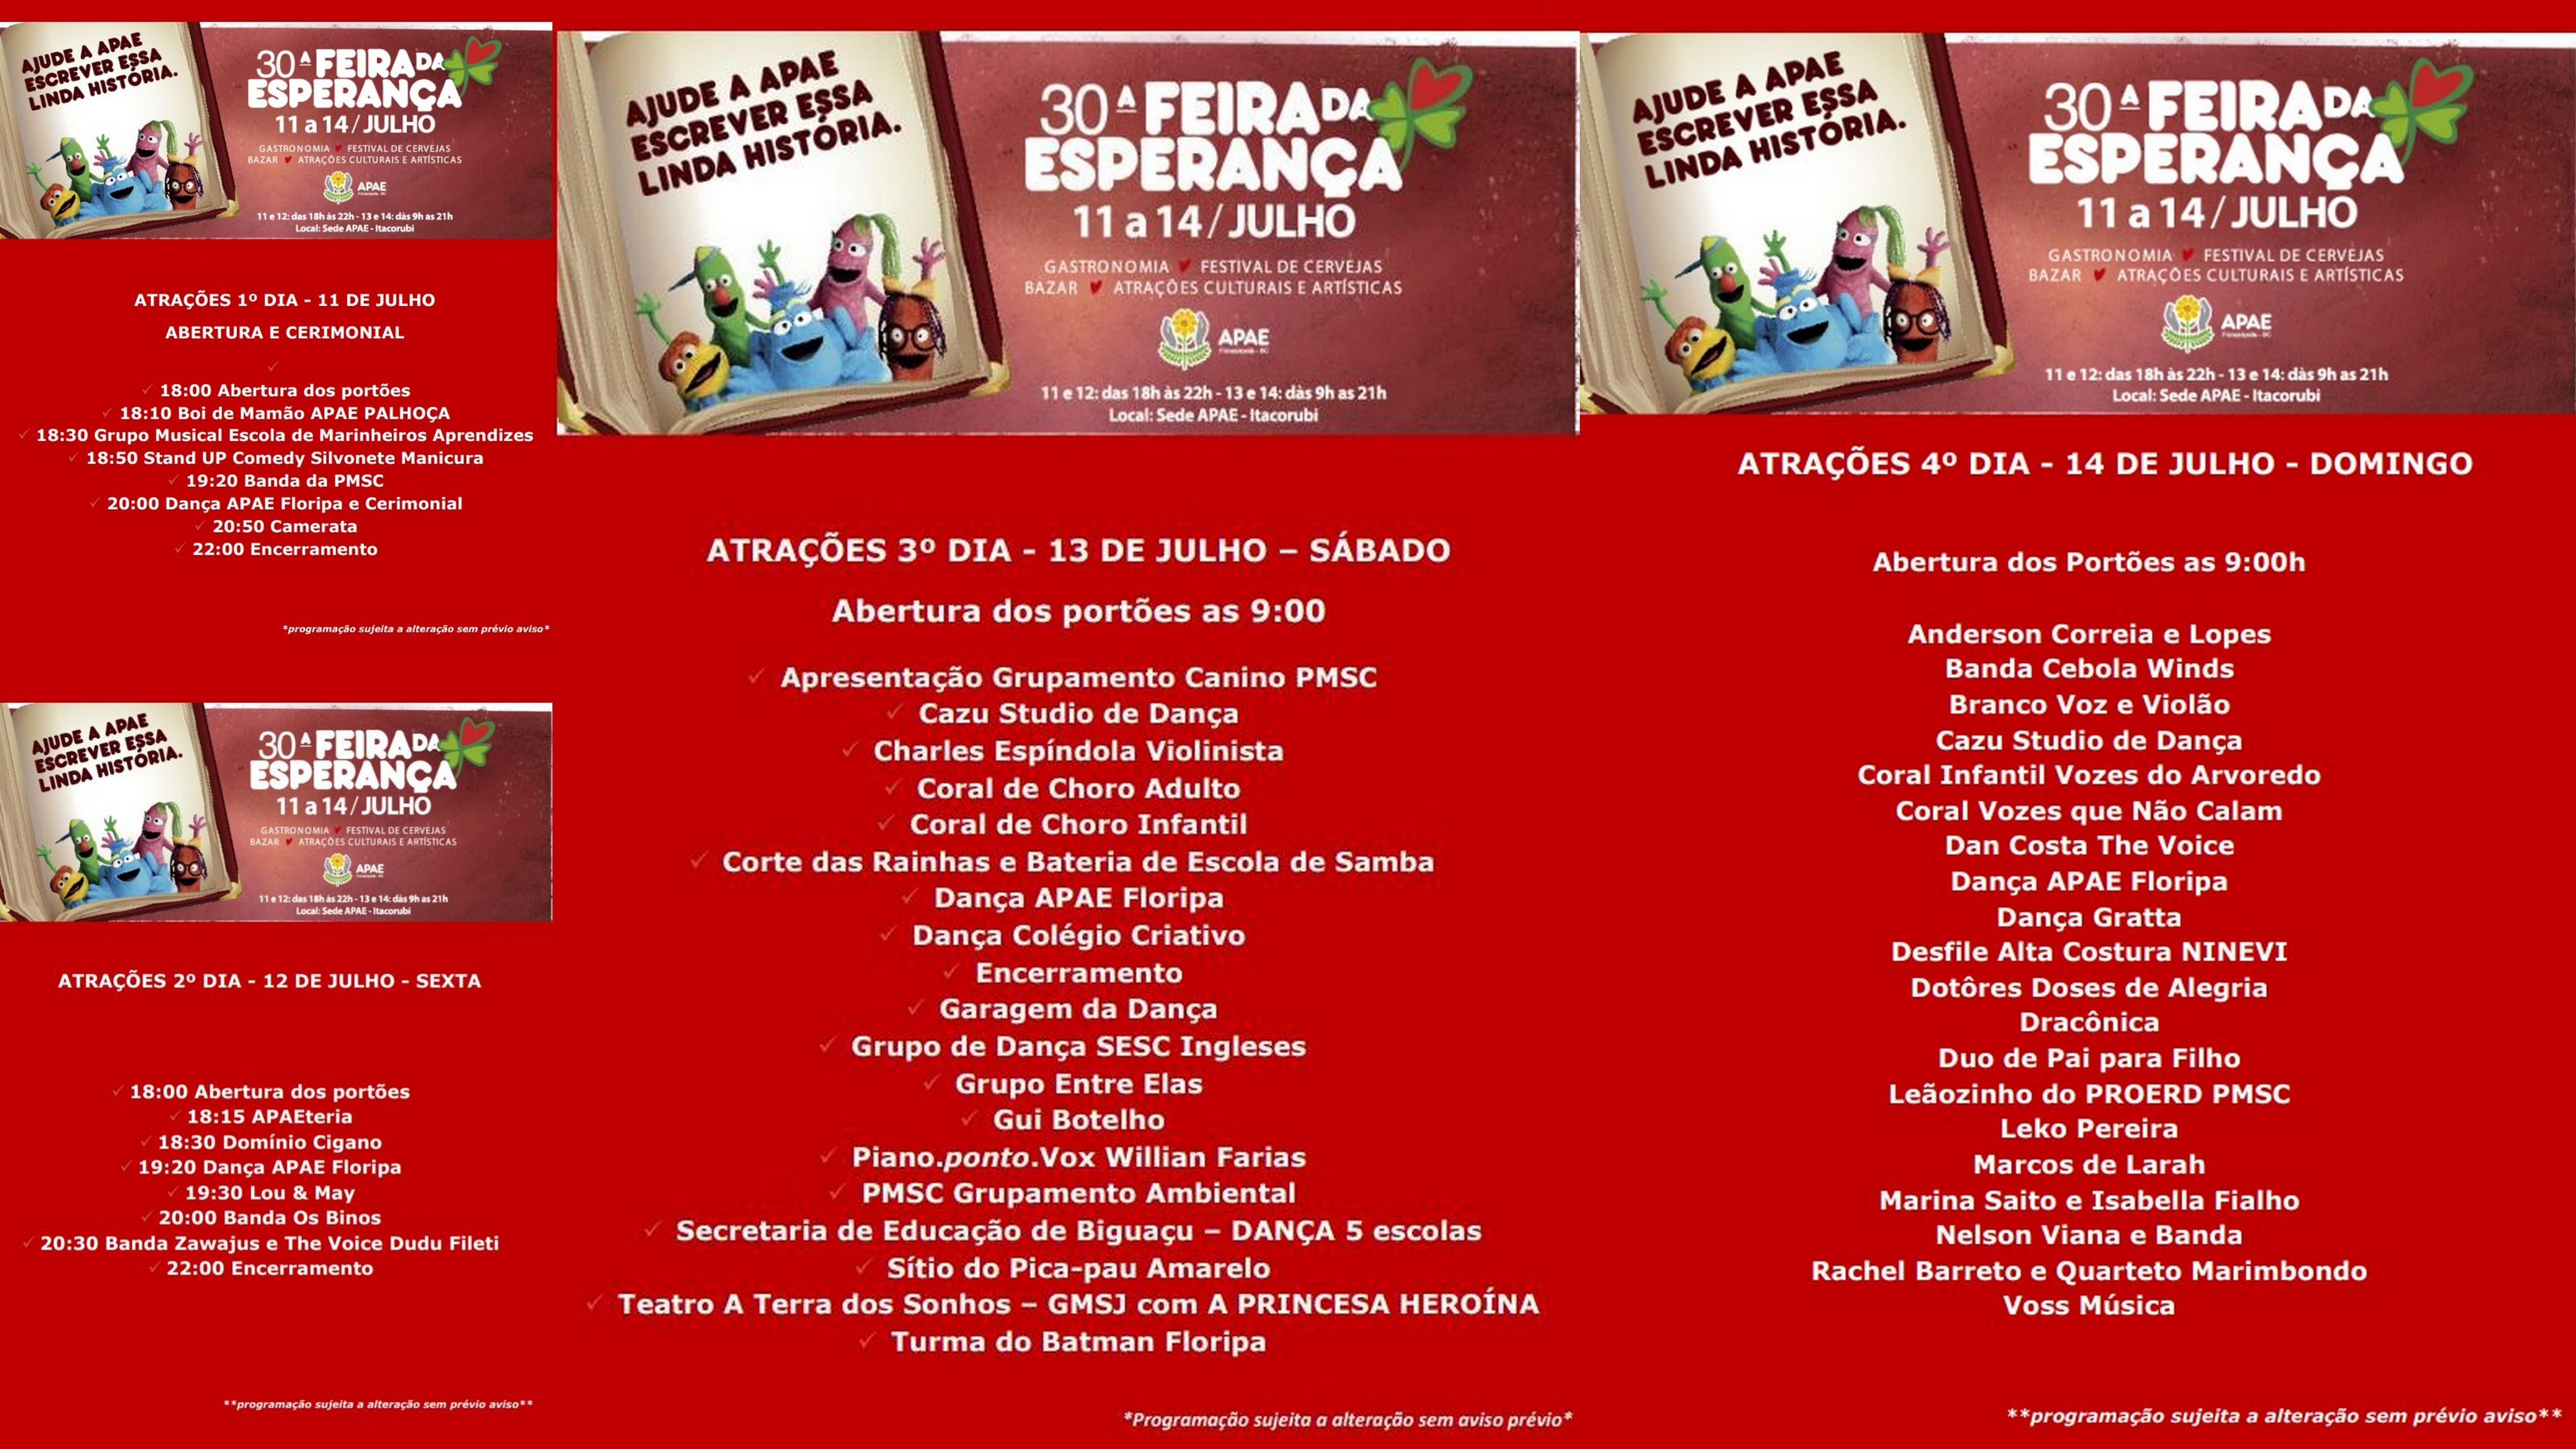 Camerata Florianópolis abre nesta quinta-feira a Feira da Esperança